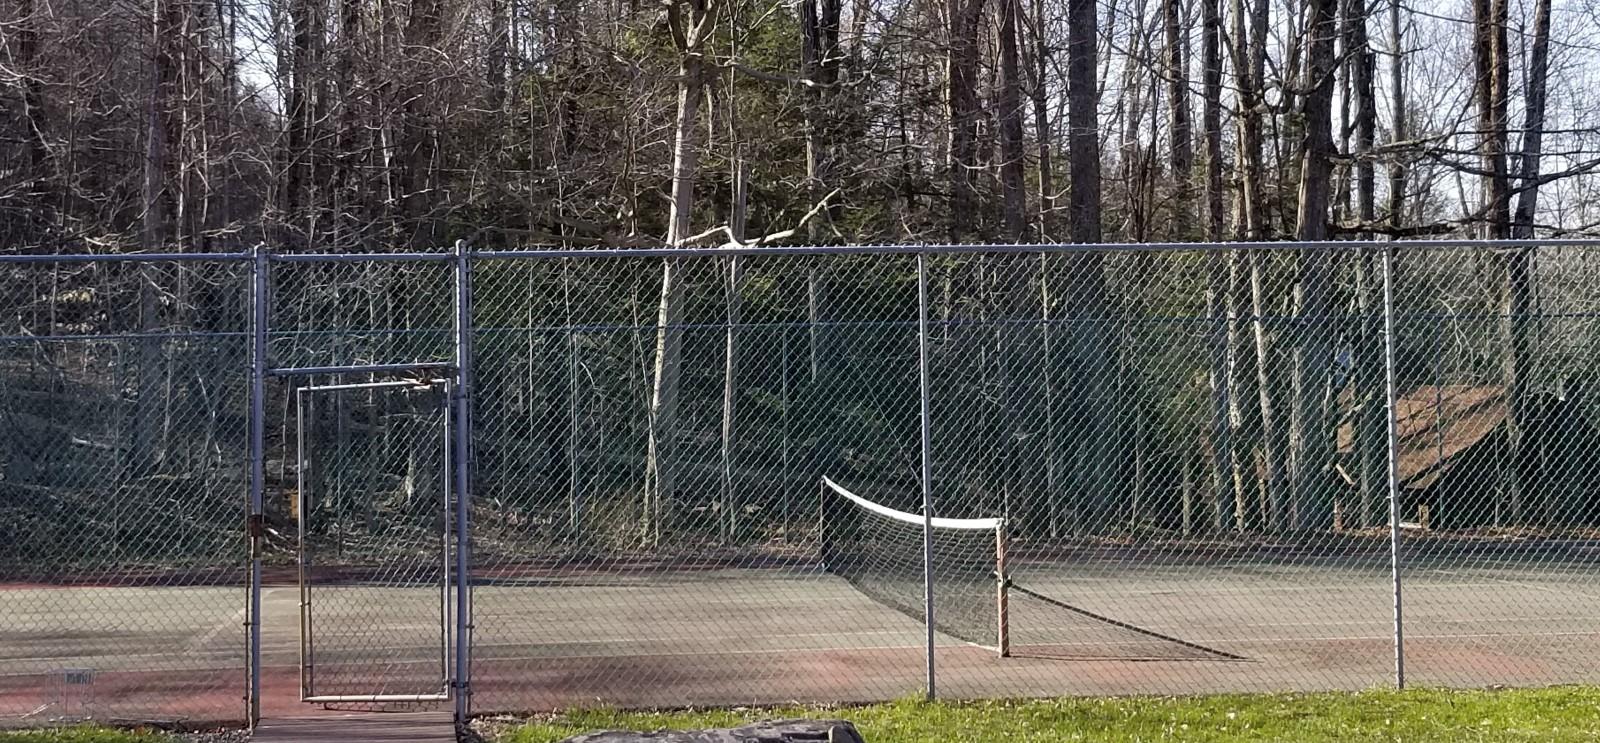 tennis court deer lake in poconos